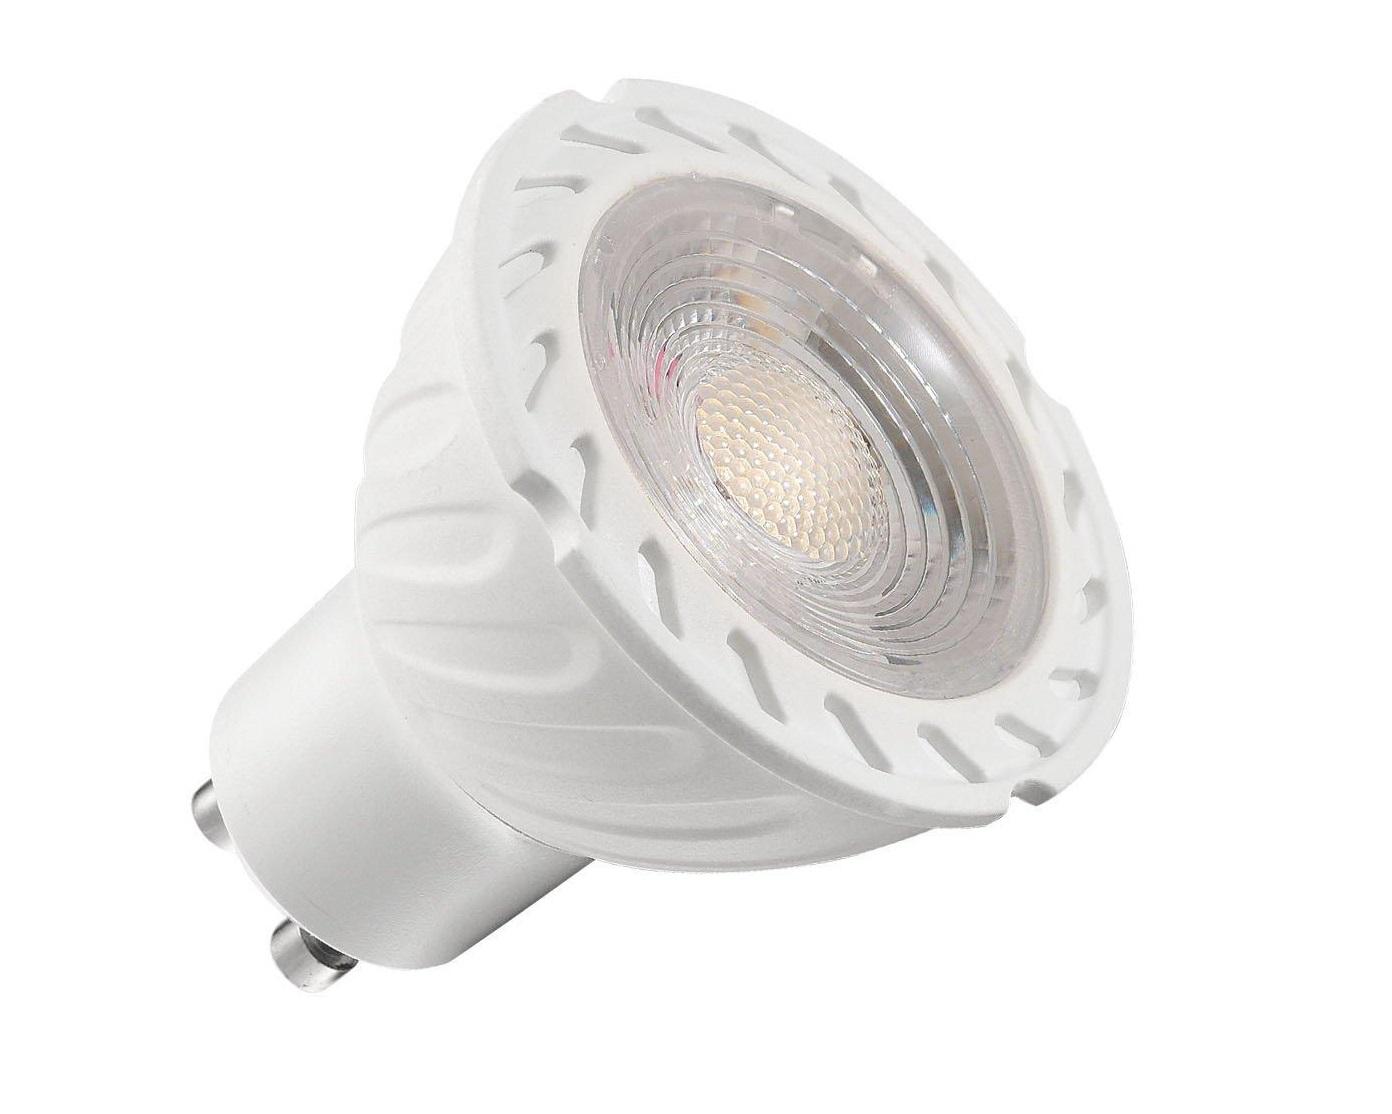 GU10 LED spot fényforrás, 6W, 511 Lm, 3000K meleg fehér